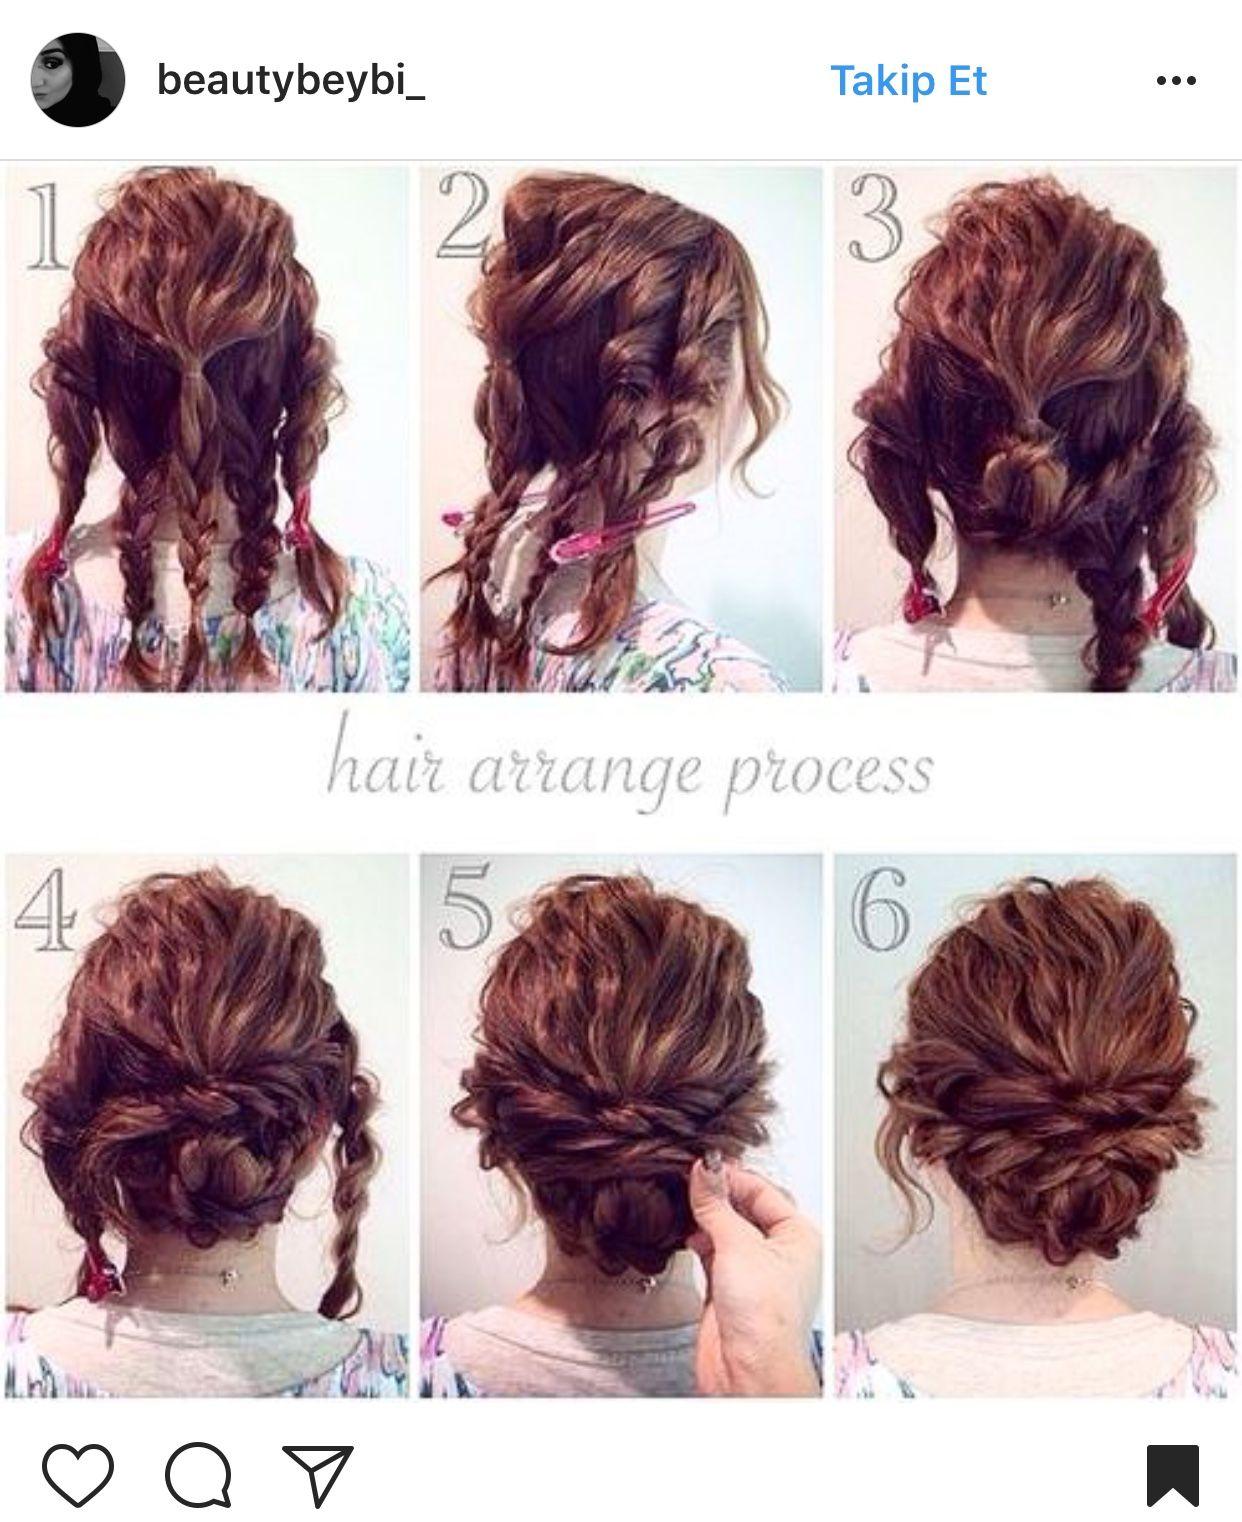 Pin by Baileys on Saç | Pinterest | Medium hair, Up dos and Short hair